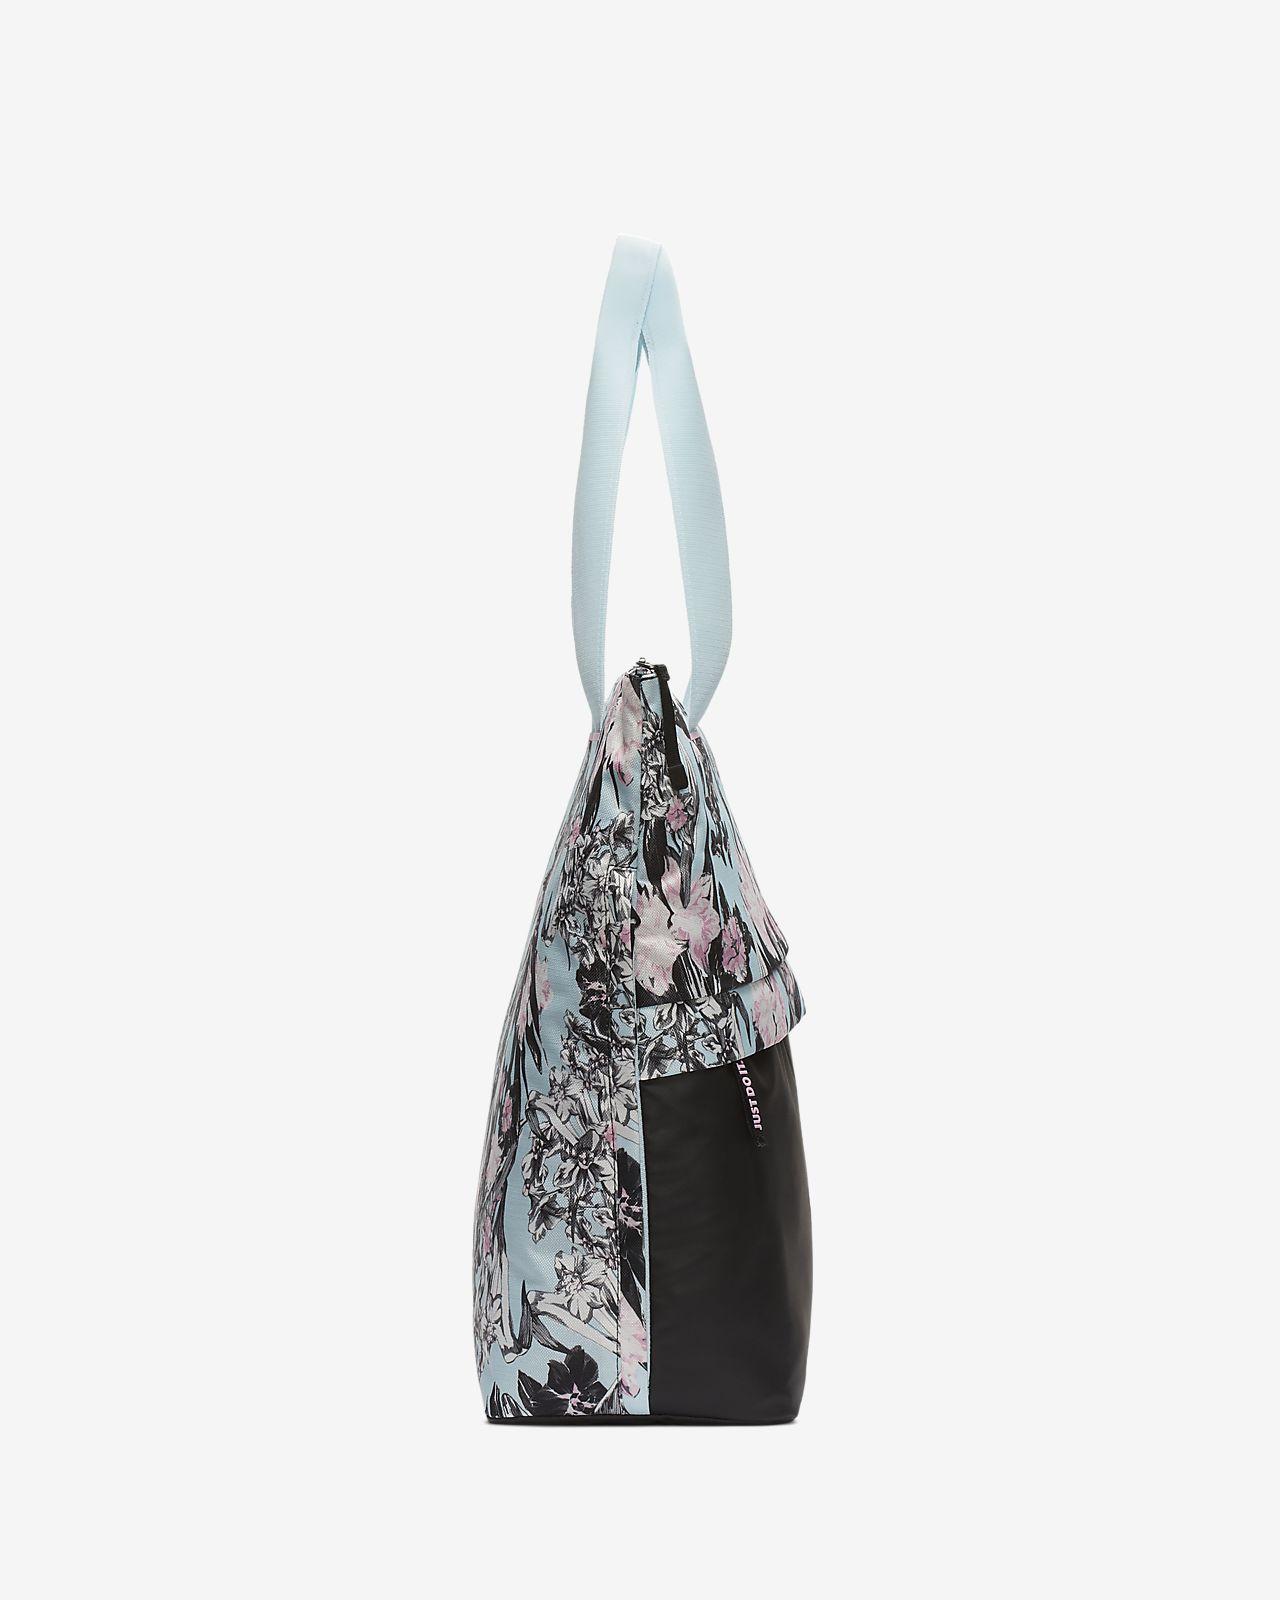 Mano Nike De Mujer Bolsa Floral Entrenamiento Radiate Es gHtEHrwq